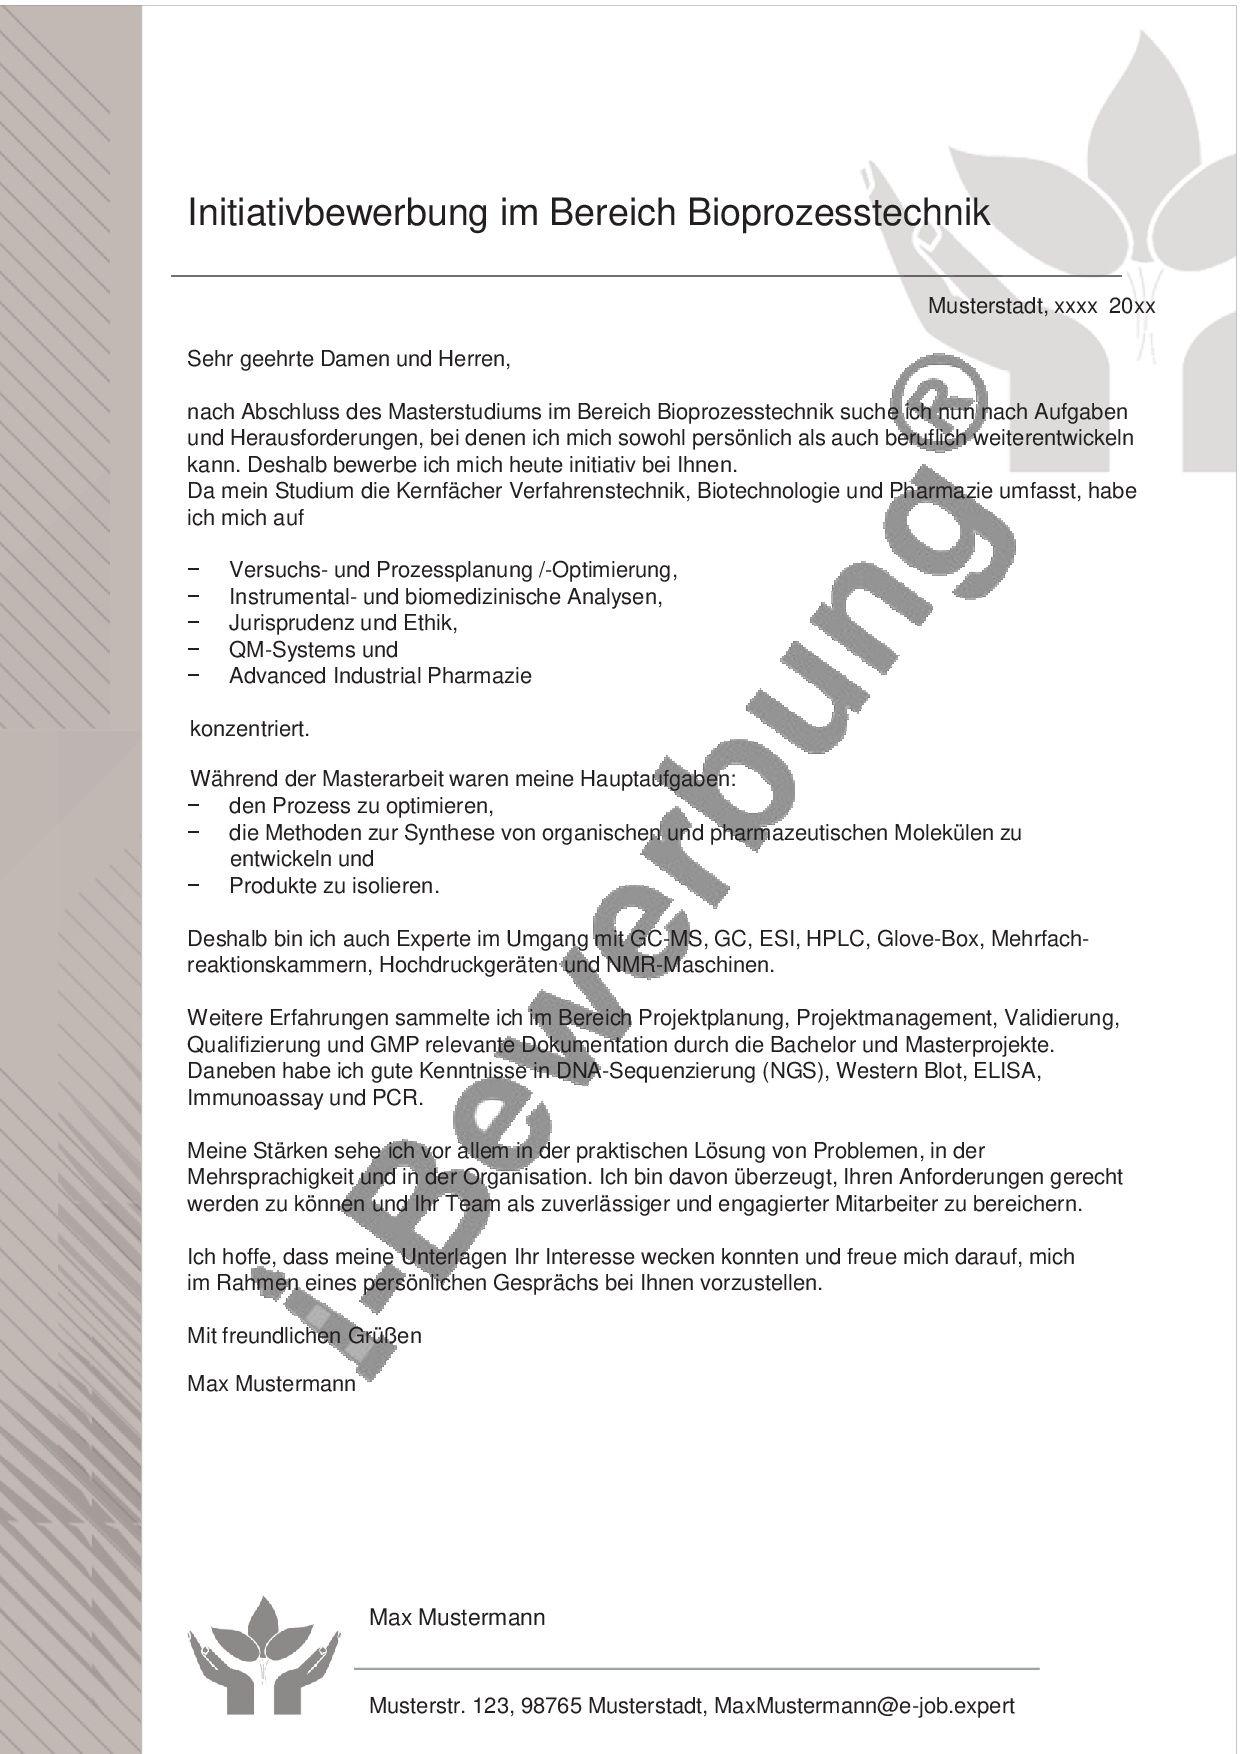 Anschreiben Muster Muster 560 Bioprozesstechnik Anschreiben Bewerbung Anschreiben Masterstudium